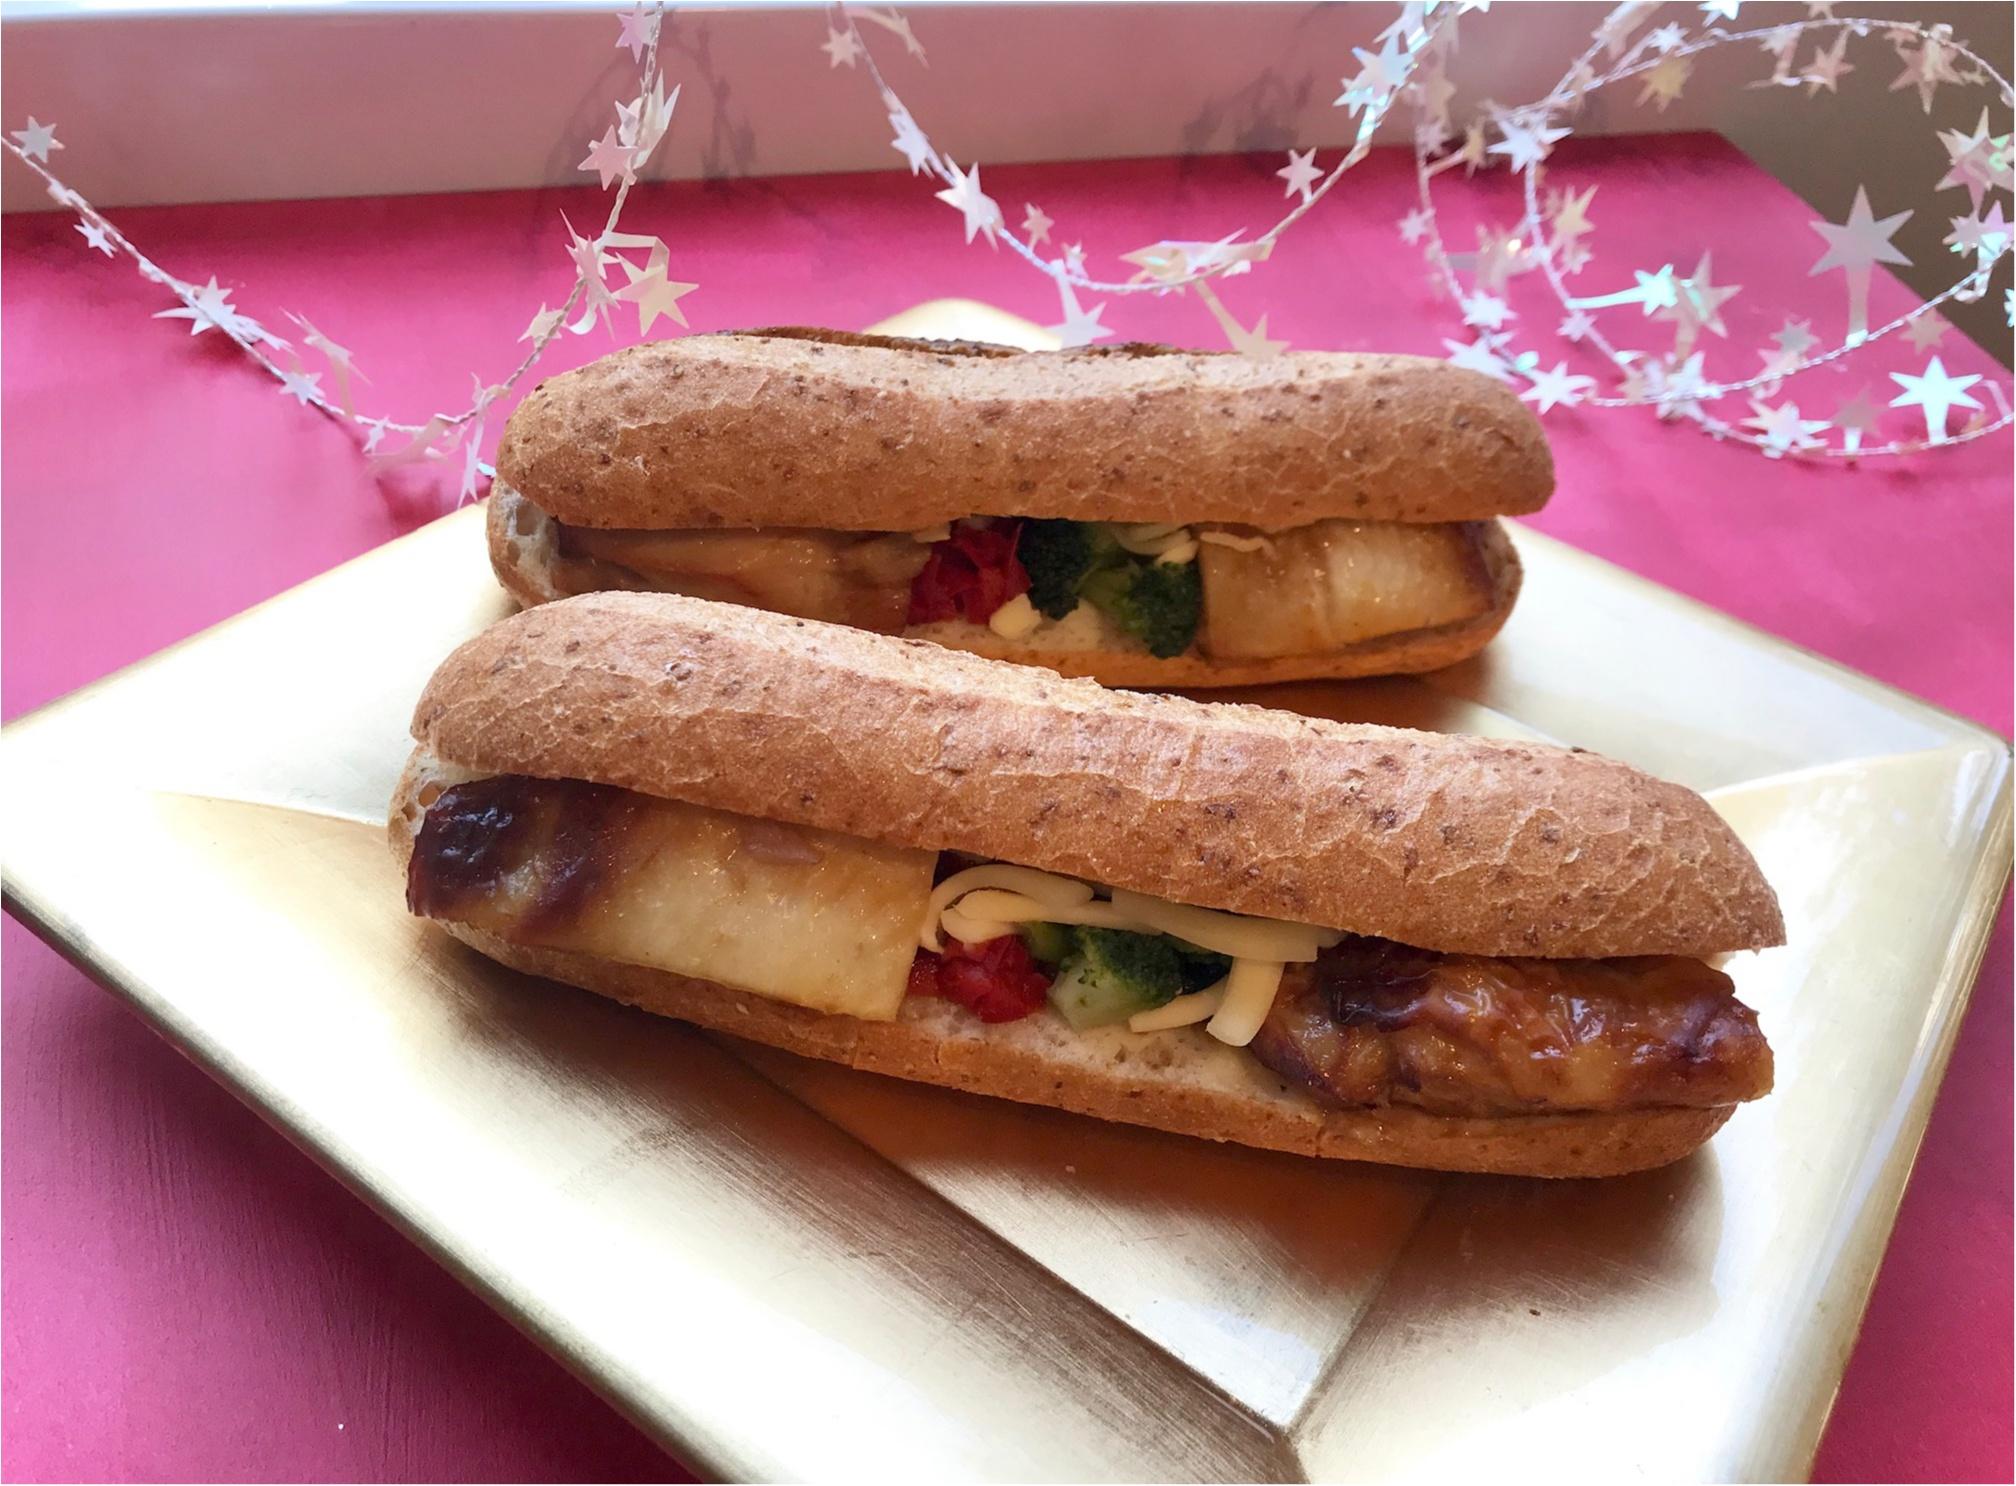 スタバ【新作試飲レポ】! 「クリスマス ストロベリー ケーキ フラペチーノ」他で、高まるクリスマス気分♡_5